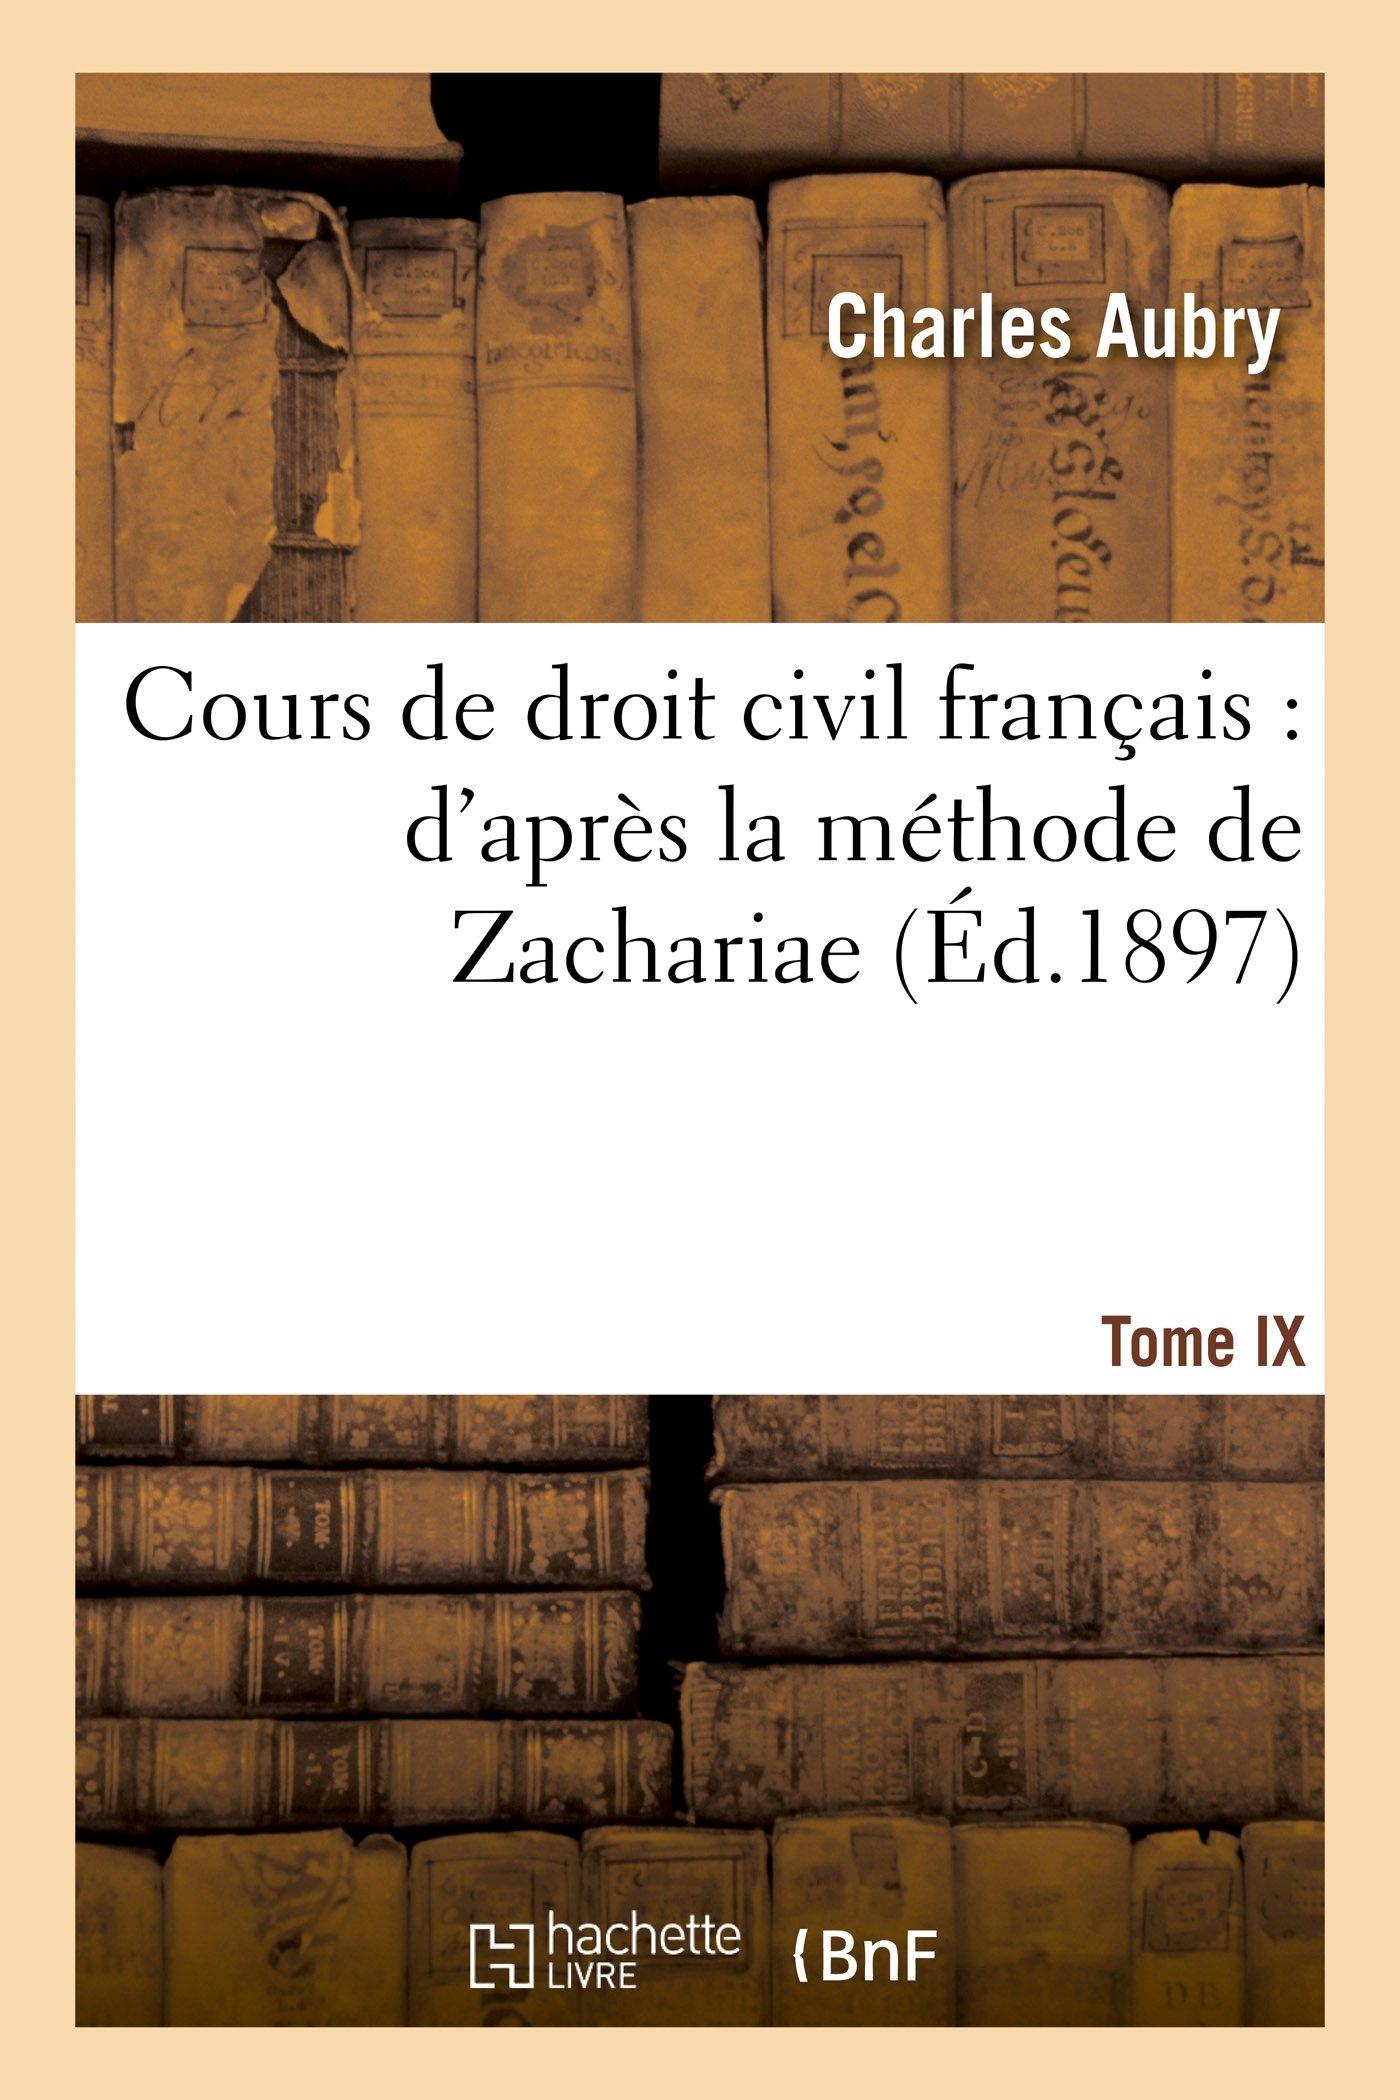 Cours de droit civil français : d'après la méthode de Zachariae. Tome 9 Broché – 1 septembre 2014 Charles Aubry Charles-Frédéric Rau Charles Falcimaigne Gault